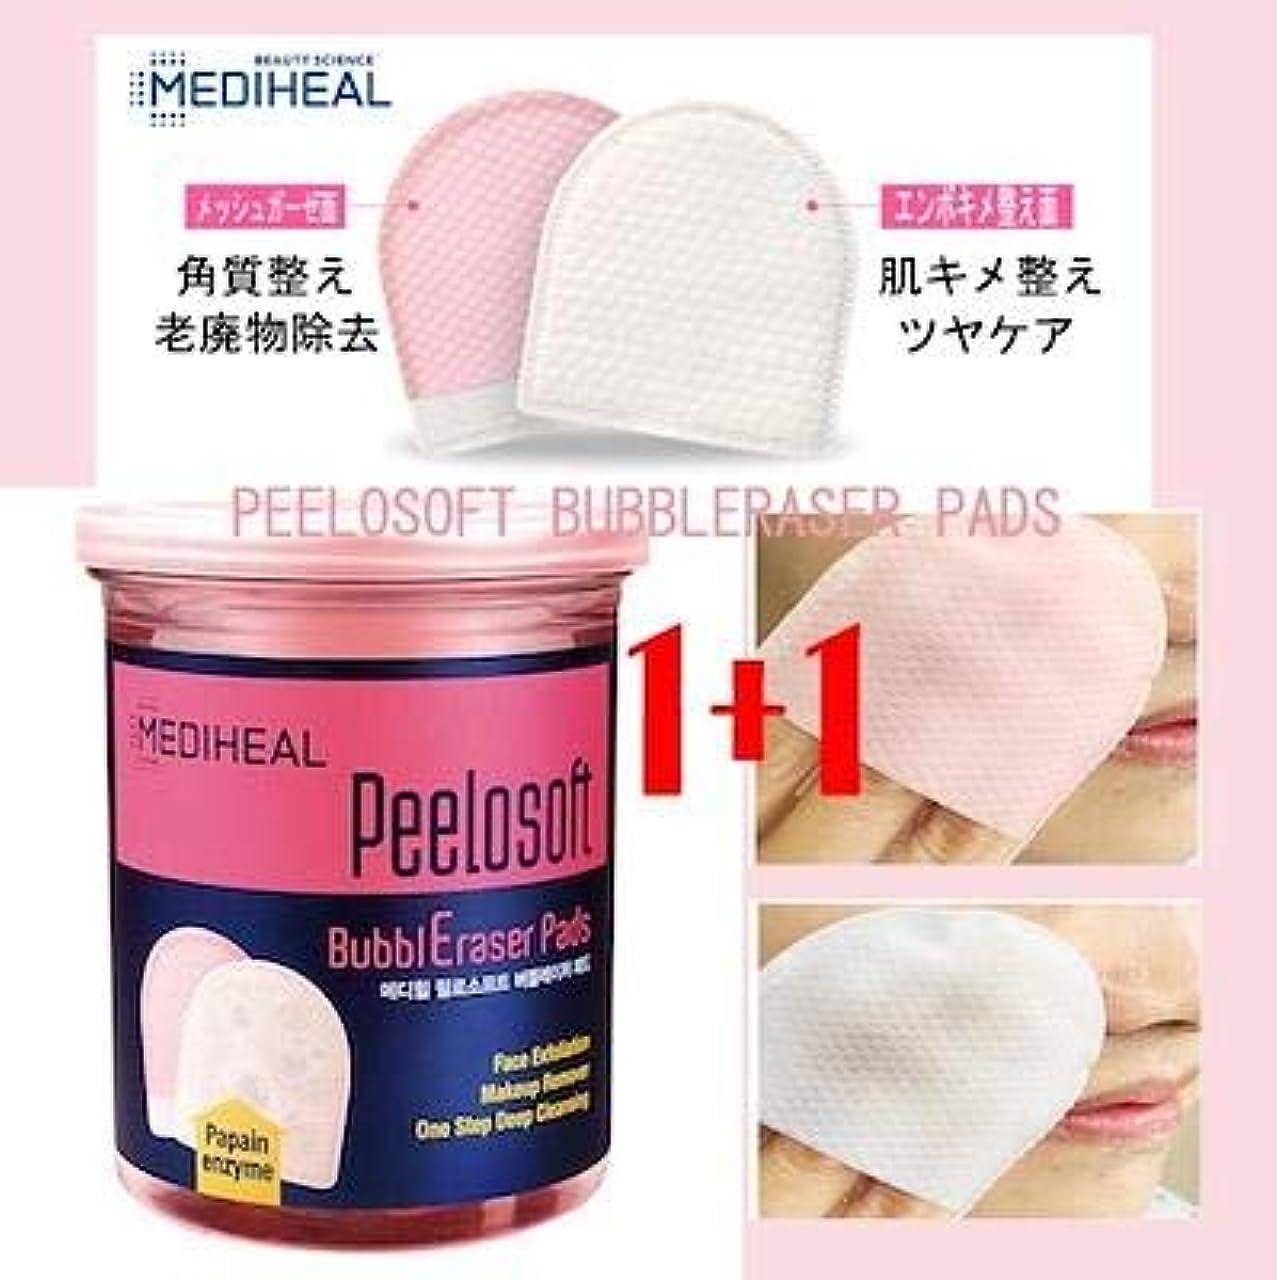 ゴルフセクタアシスト[MEDIHEAL] 1+1 メディヒール Peelosoft BubblEraser Pads ピローソフト バブルレーザー パッド [20枚+ 20枚]